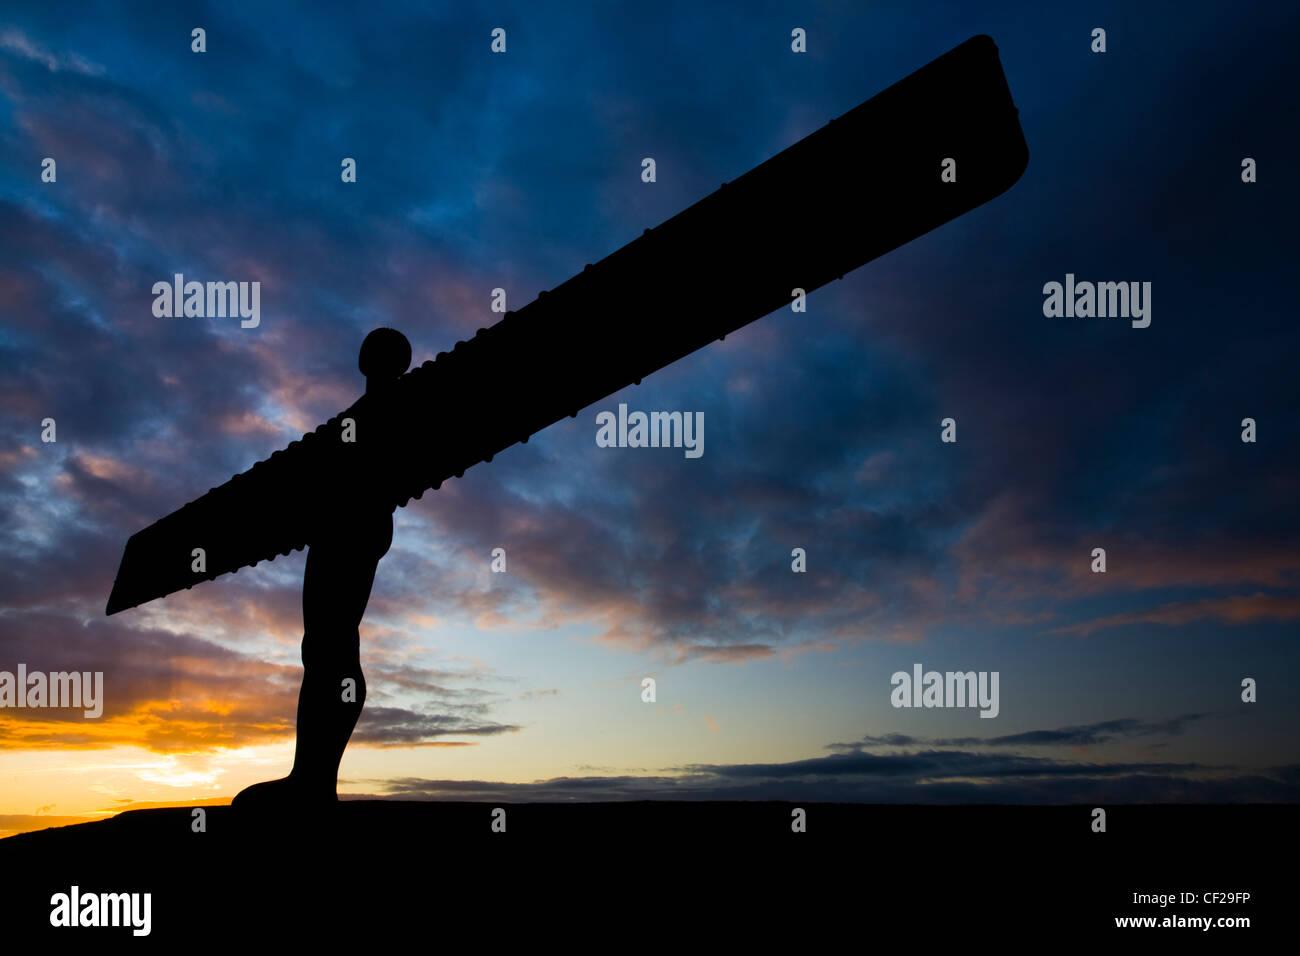 L'Ange de l'emblématique statue Nord découpé sur un ciel atmosphérique. L 'ange', Photo Stock